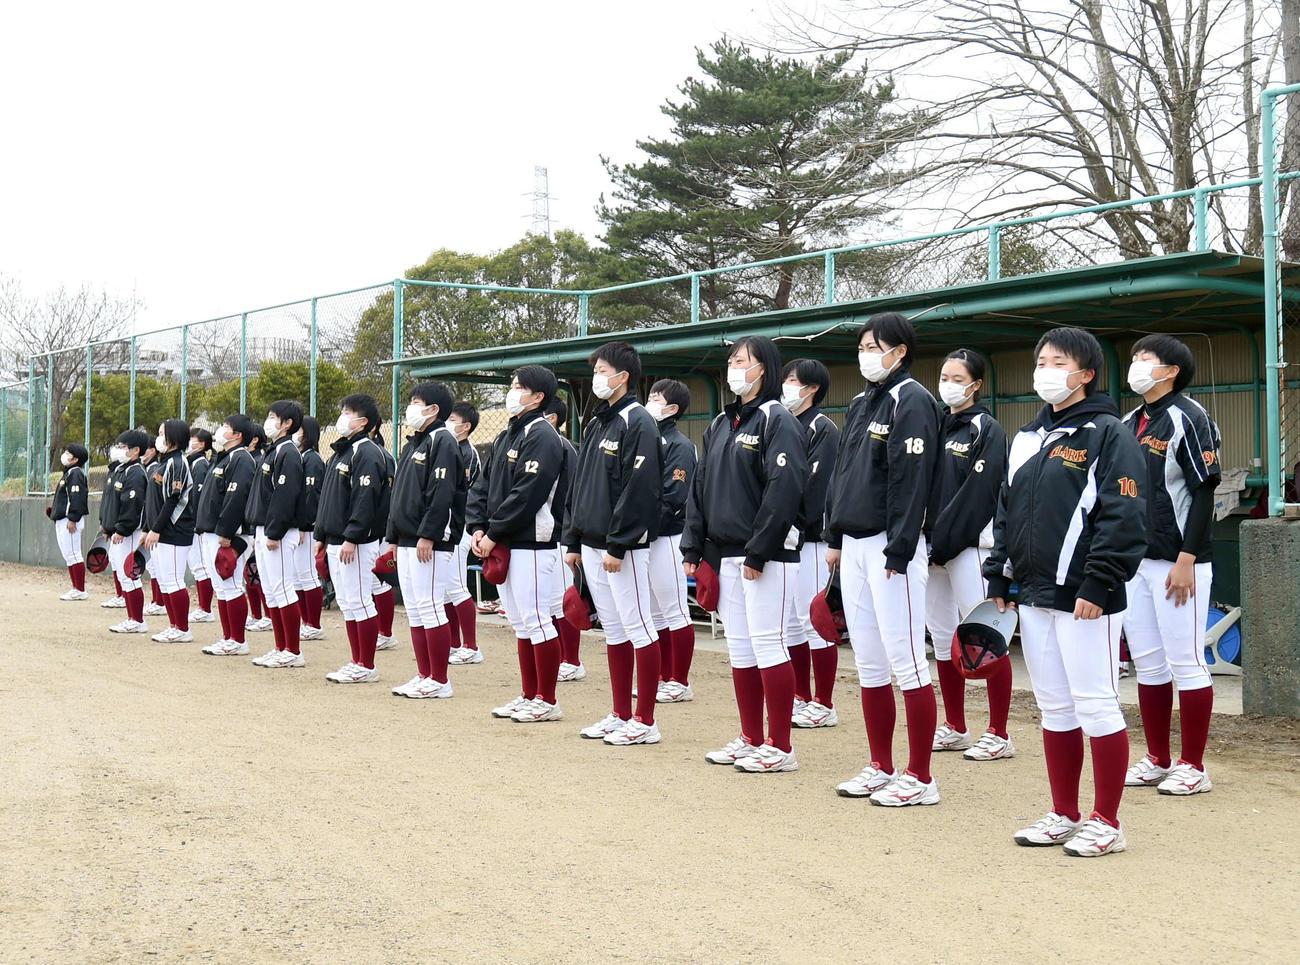 4月1日、練習前、グラウンドにあいさつするクラーク仙台の選手たち